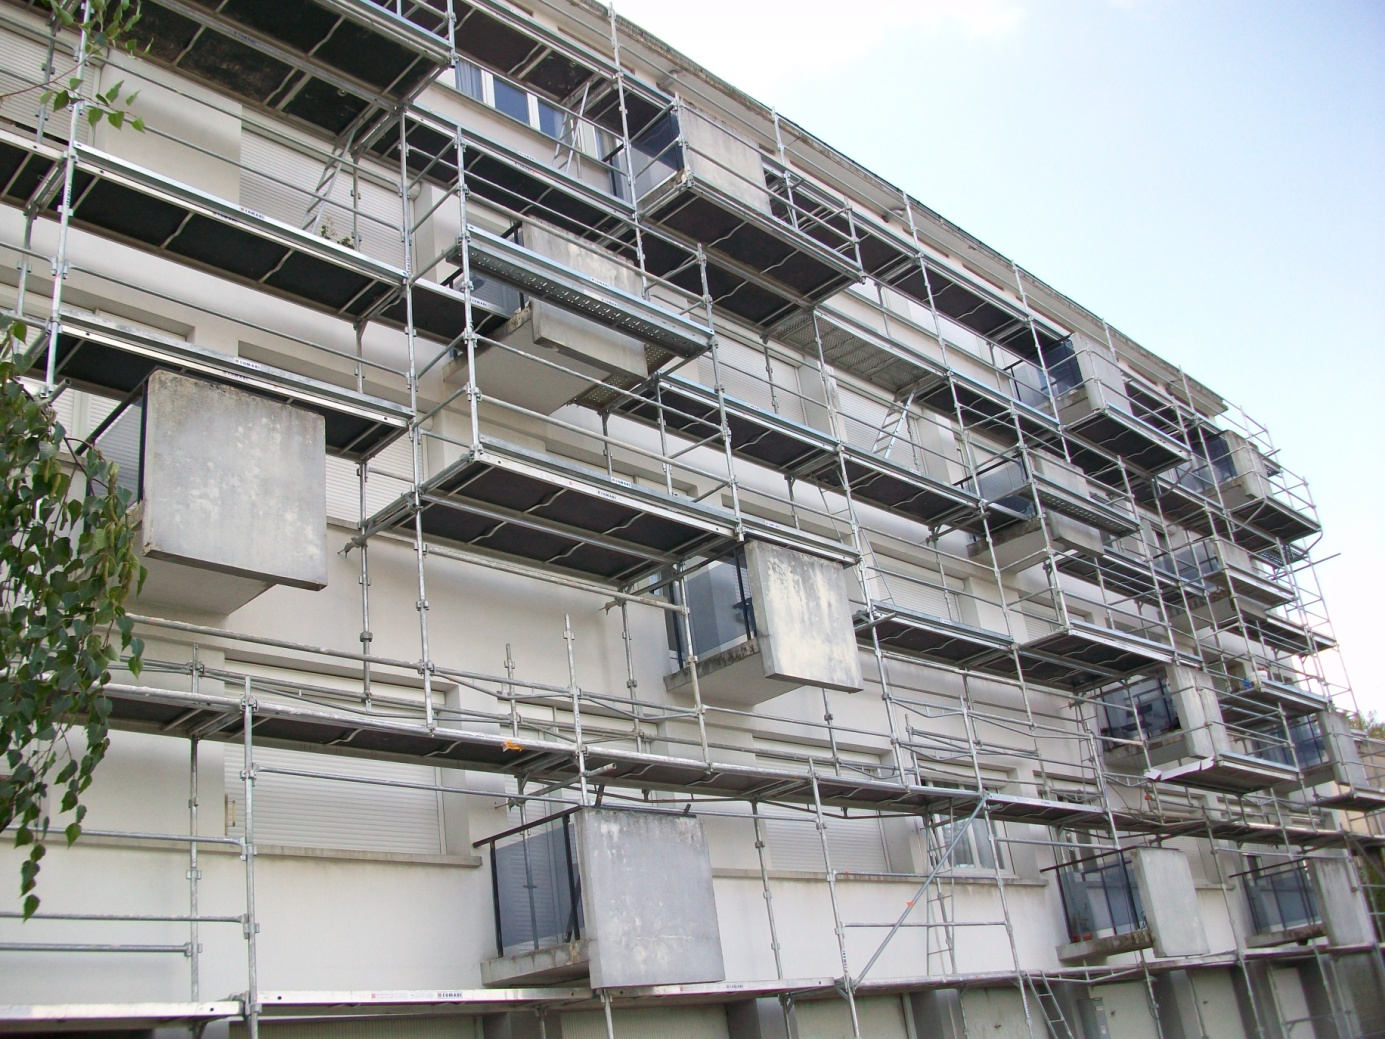 Travaux d'Isolation Thermique par l'Extérieur sur façade d'immeuble